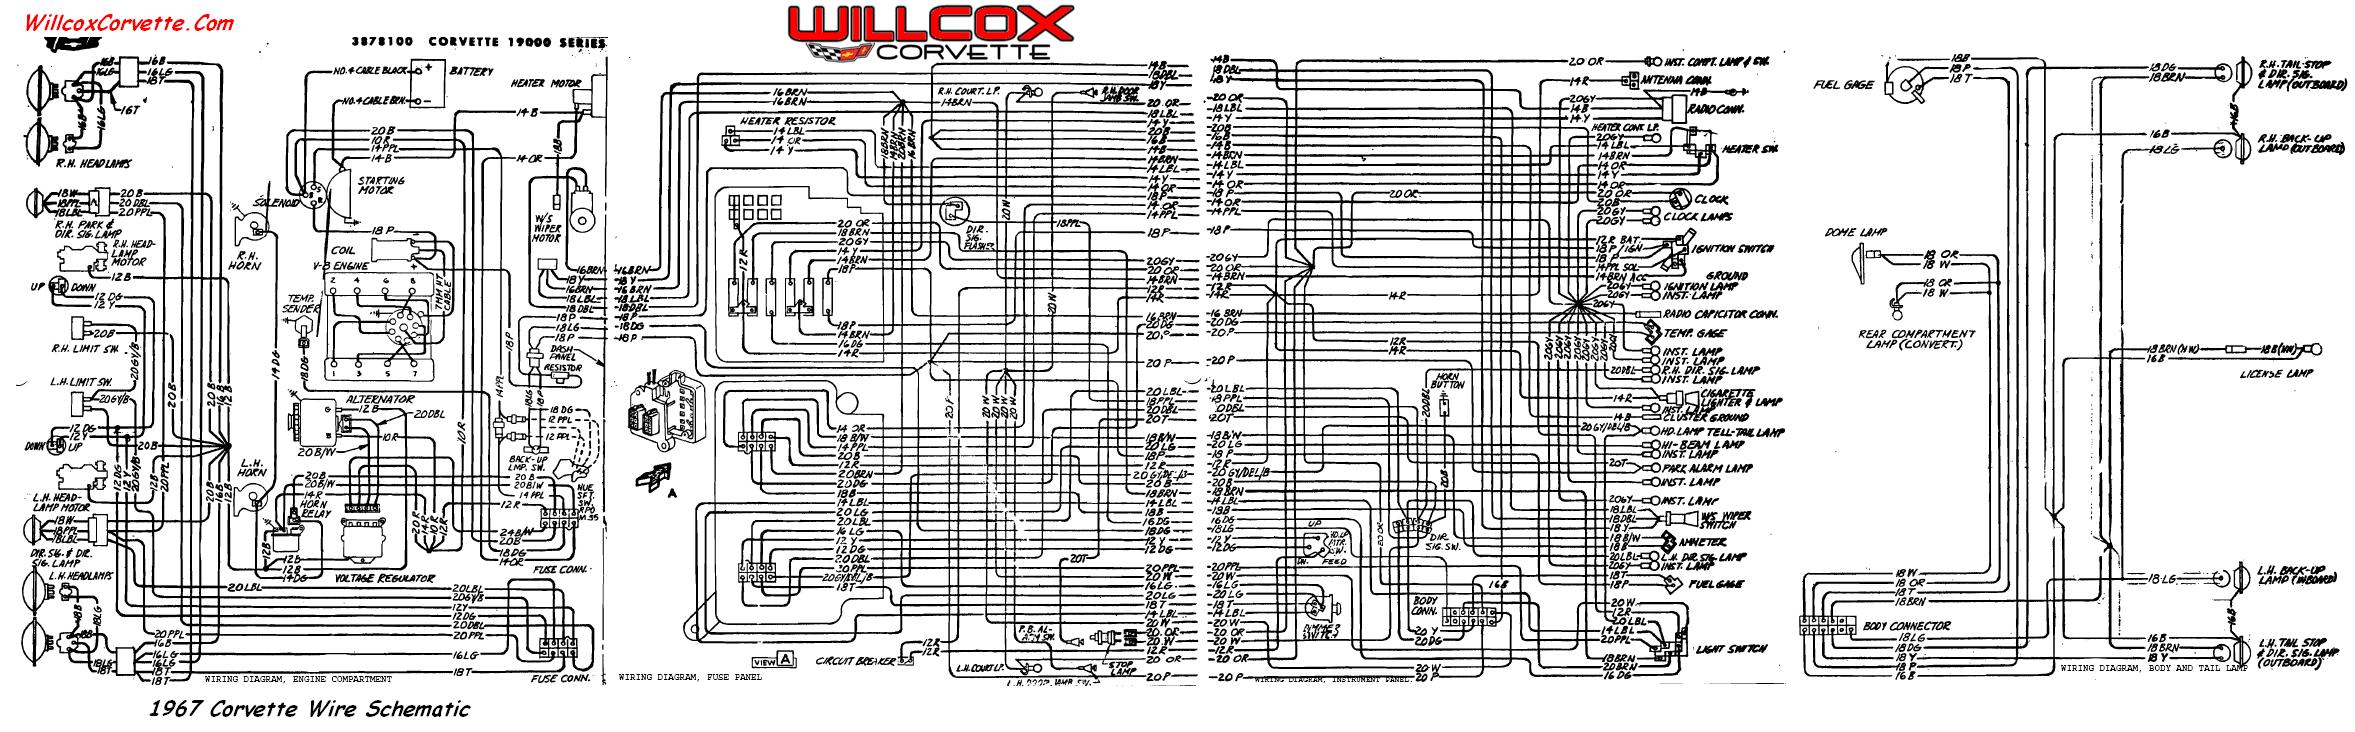 [DIAGRAM_4PO]  EL_3550] Motor Wiring Diagram Corvette Wiring Diagram Ford F800 Wiring  Diagram Schematic Wiring | 1966 Corvette Wiring Diagrams |  | Adit Itive Kapemie Aesth Jidig Isra Mohammedshrine Librar Wiring 101